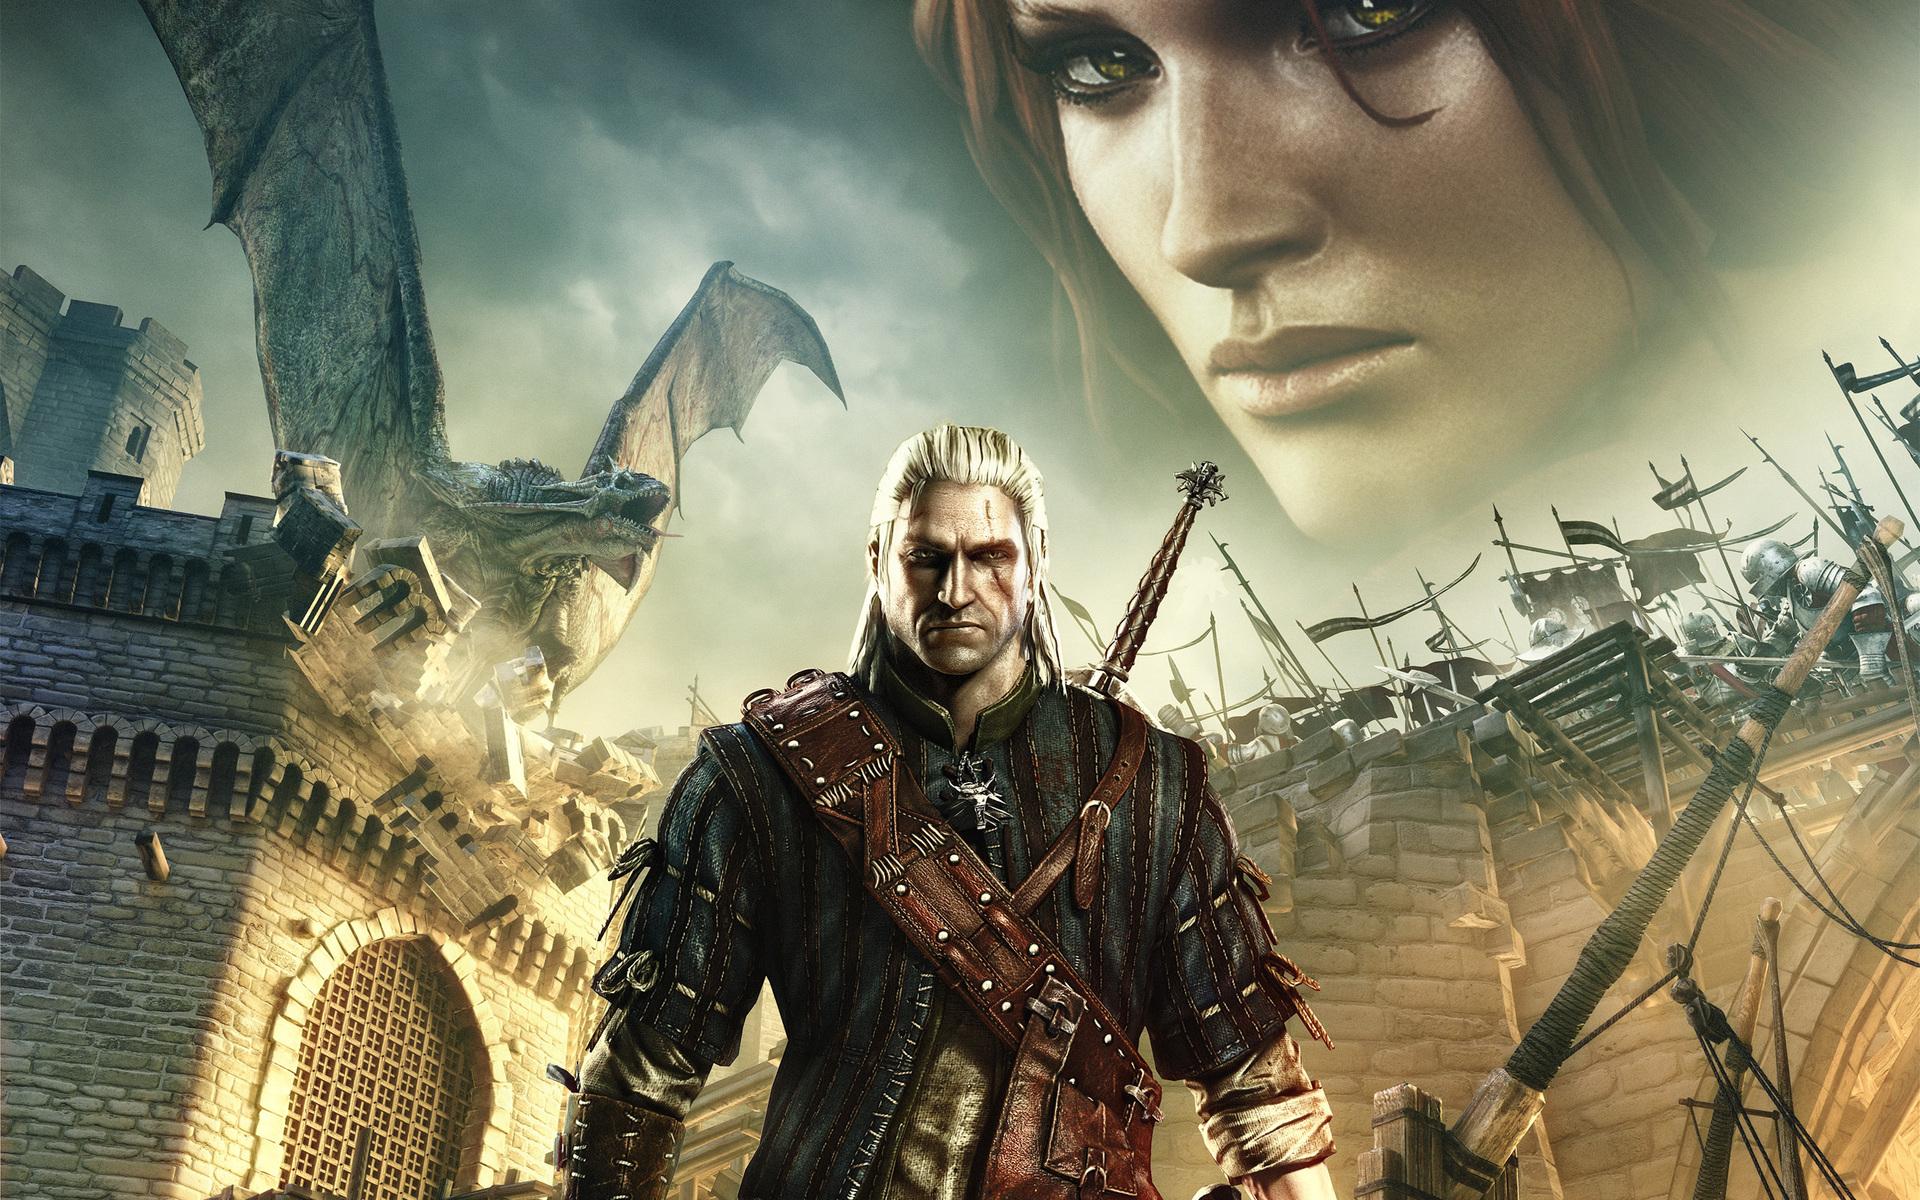 Геральт и Трисс - Witcher 2: Assassins of Kings, the